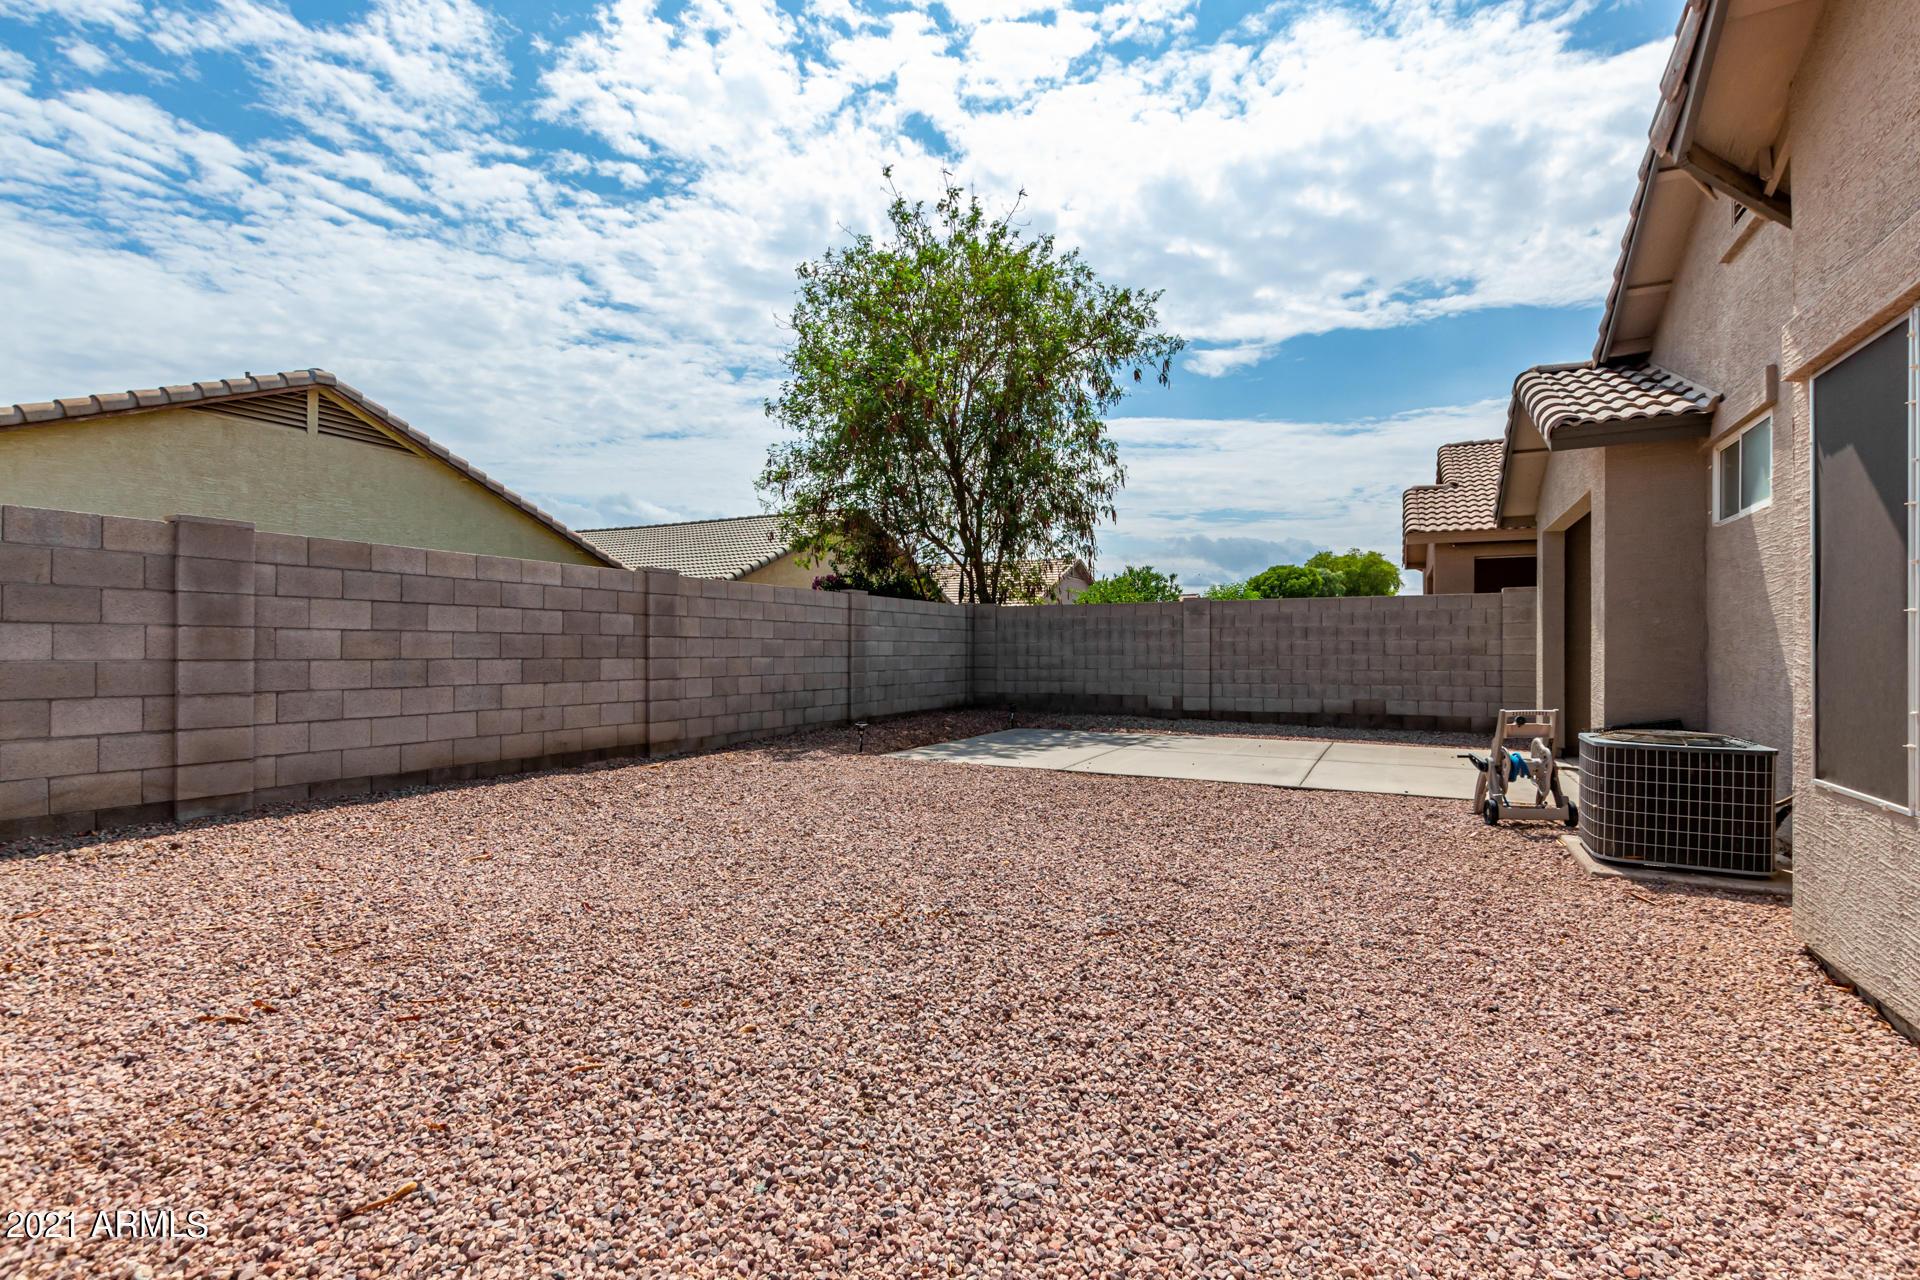 MLS 6270496 12525 W JEFFERSON Street, Avondale, AZ 85323 Avondale AZ Coldwater Springs